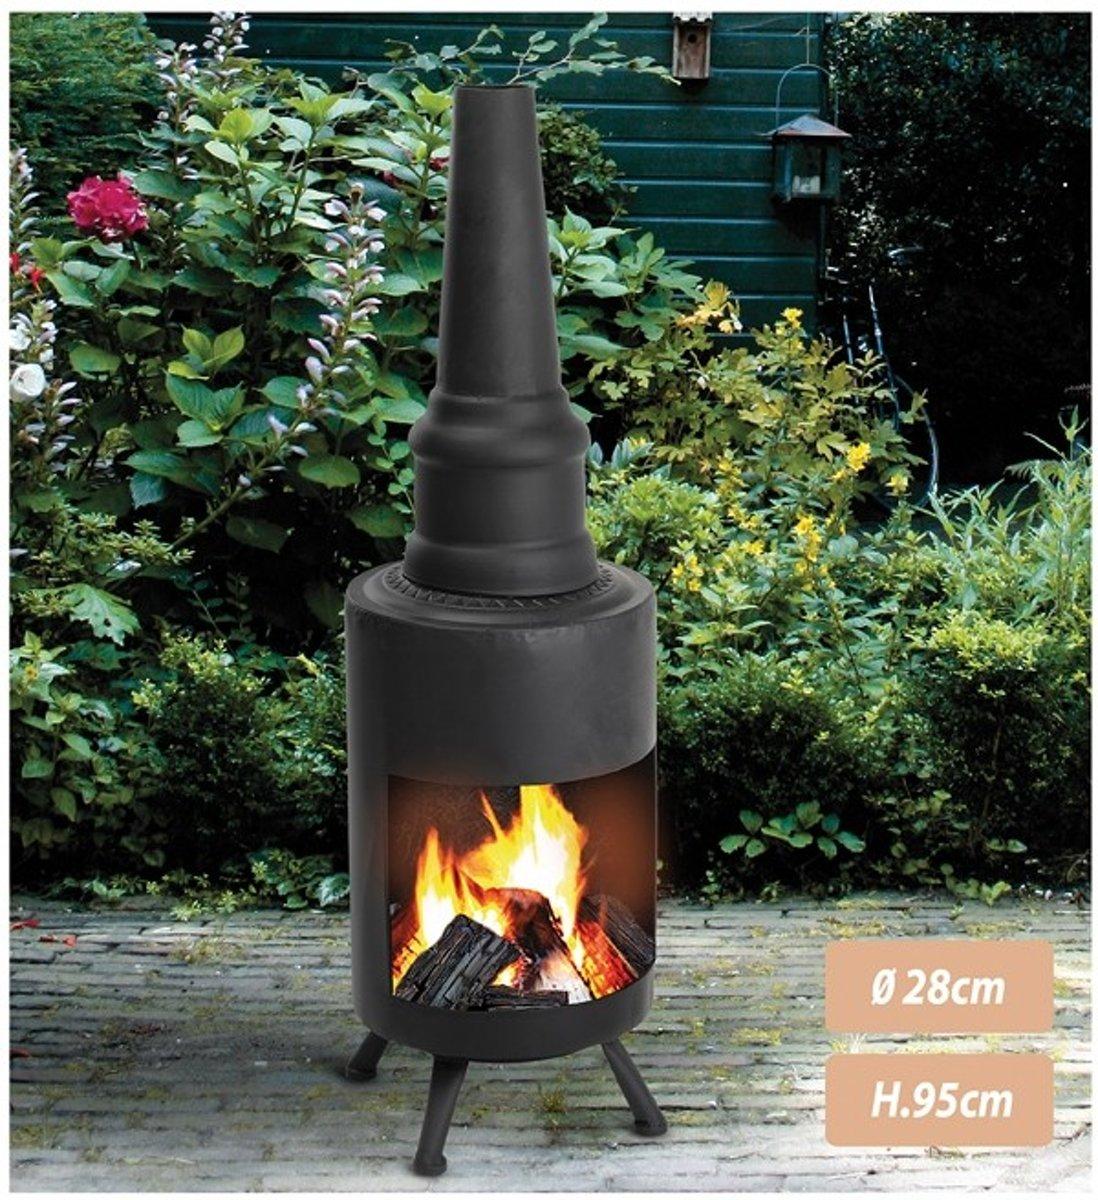 vuurkorf - terrashaard - tuinhaard - terraskachel - tuinverwarmer - buitenkachel 95 cm